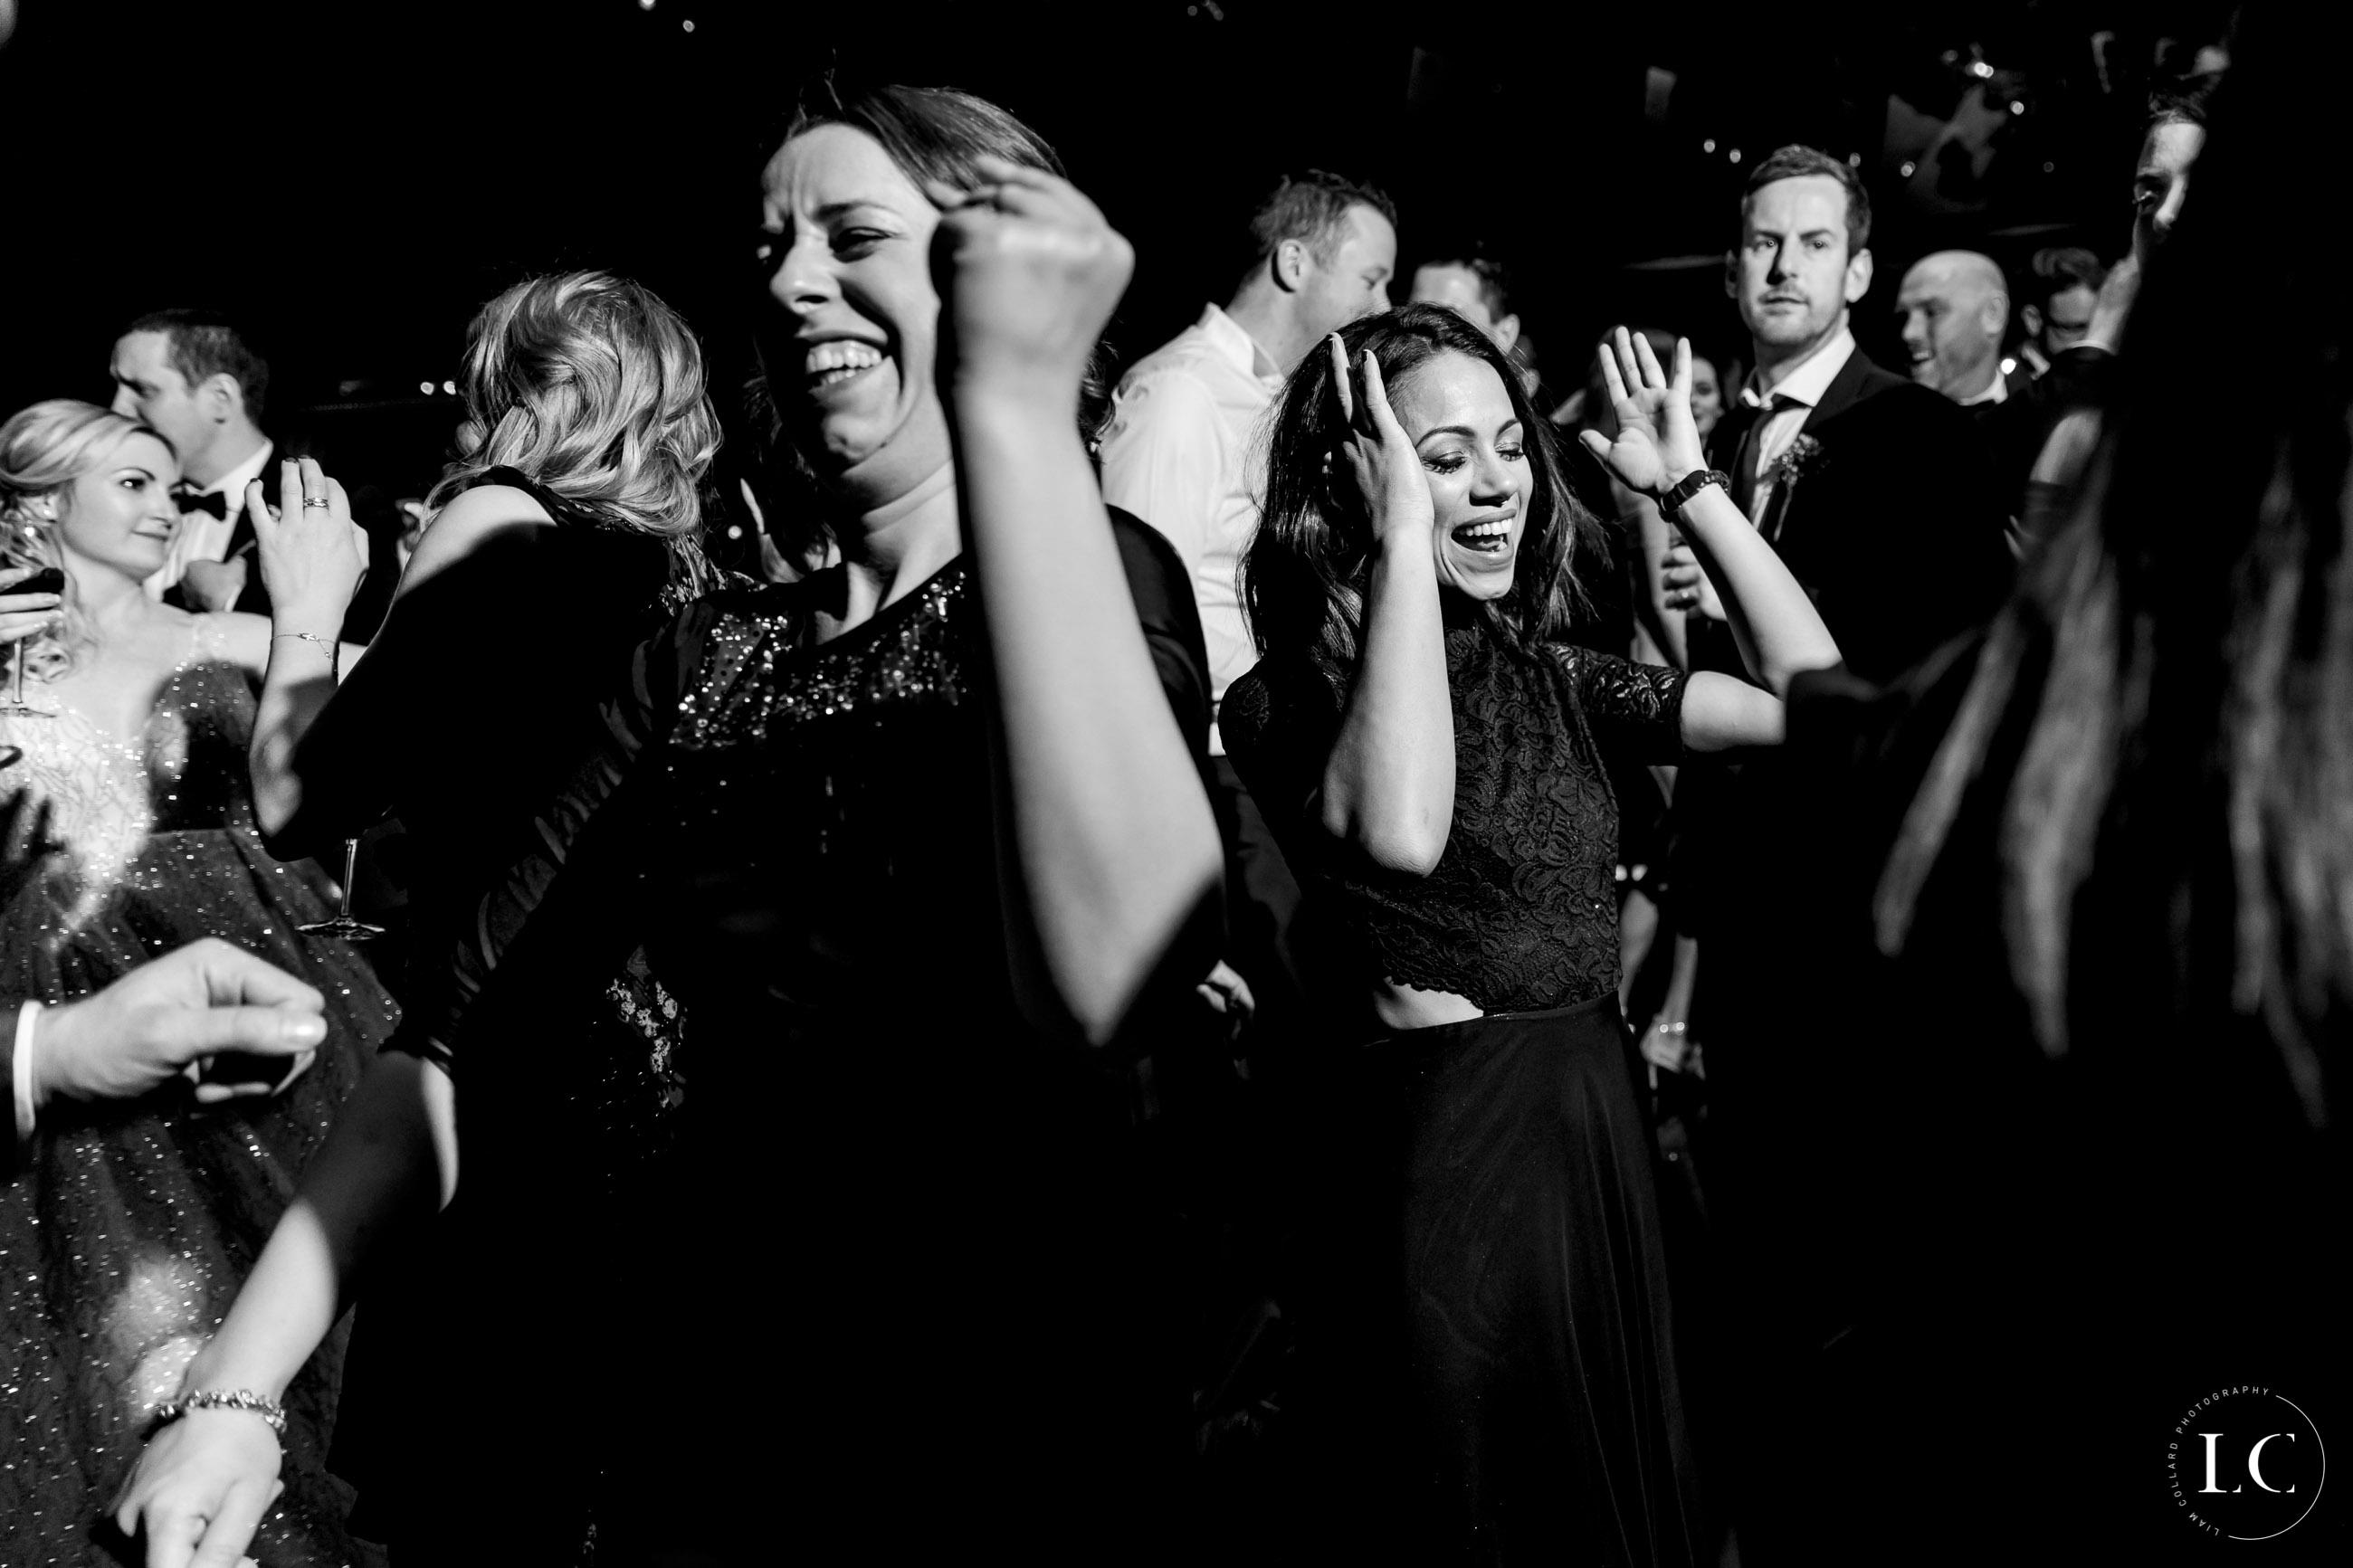 Happy guests dancing